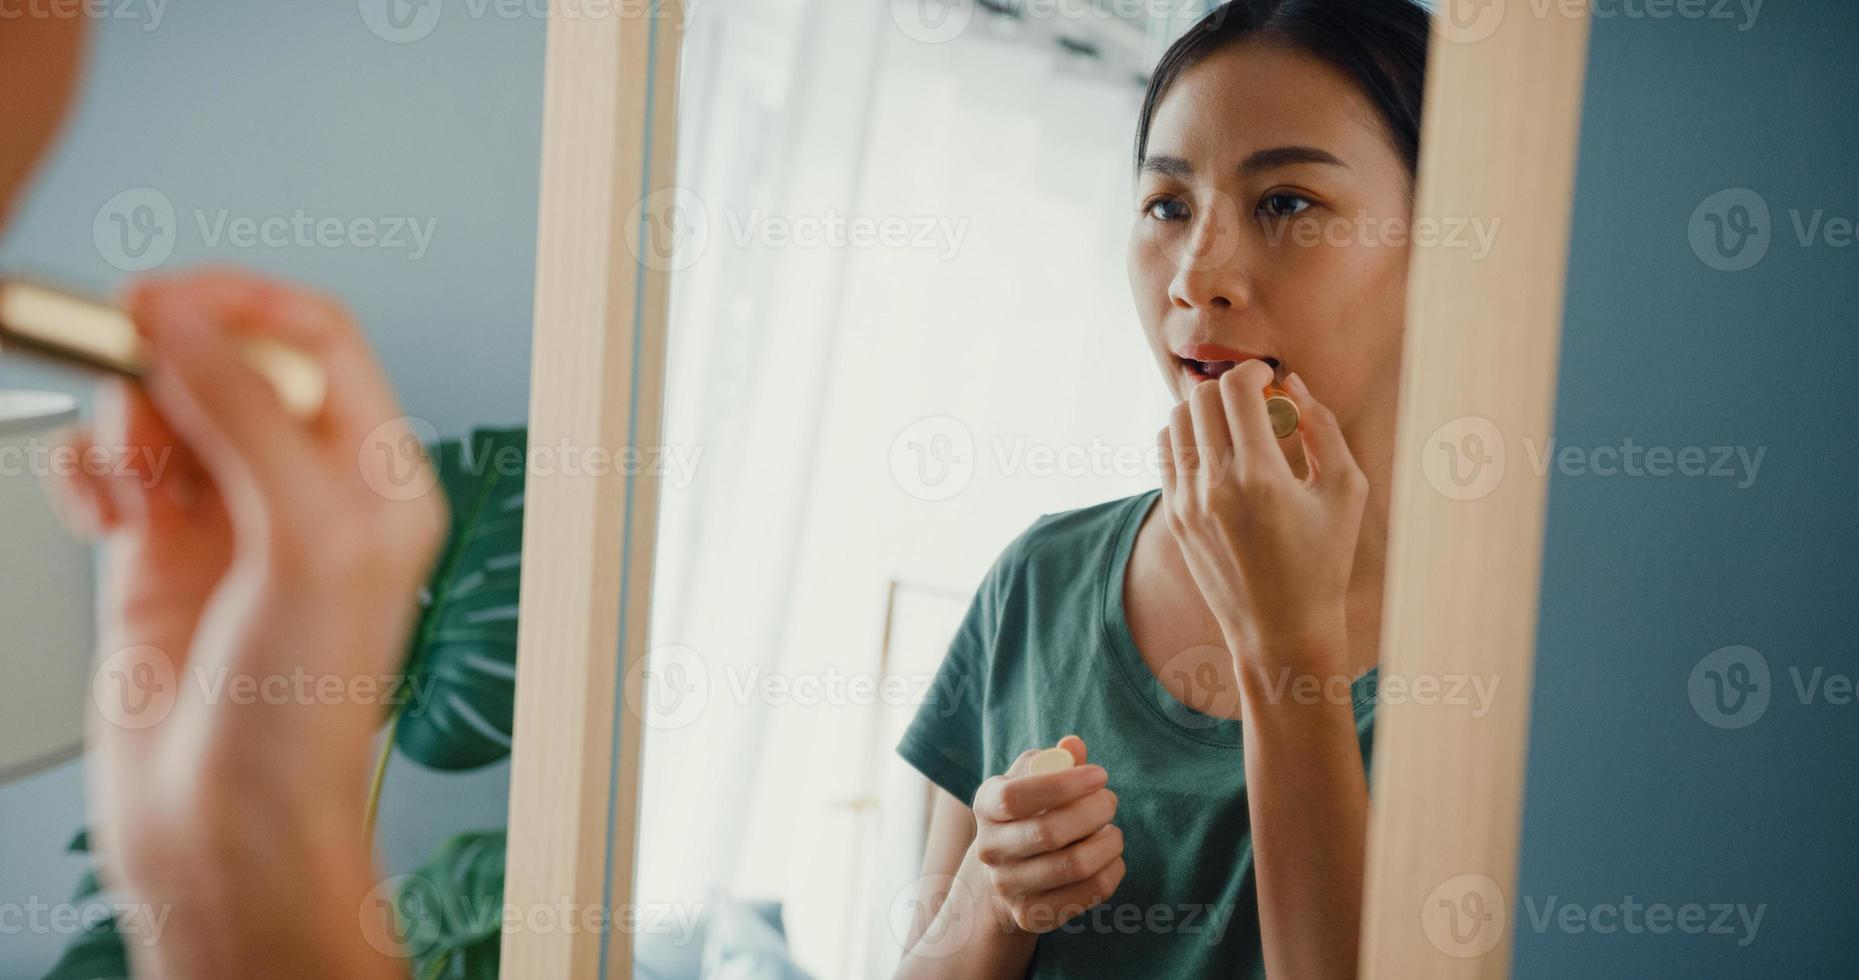 belle dame asiatique avec un chiffon décontracté a mis du rouge à lèvres sur ses lèvres devant le miroir dans la chambre à la maison le matin avant d'aller sortir ensemble. jeune femme souriante appliquant le maquillage et regardant le miroir. photo